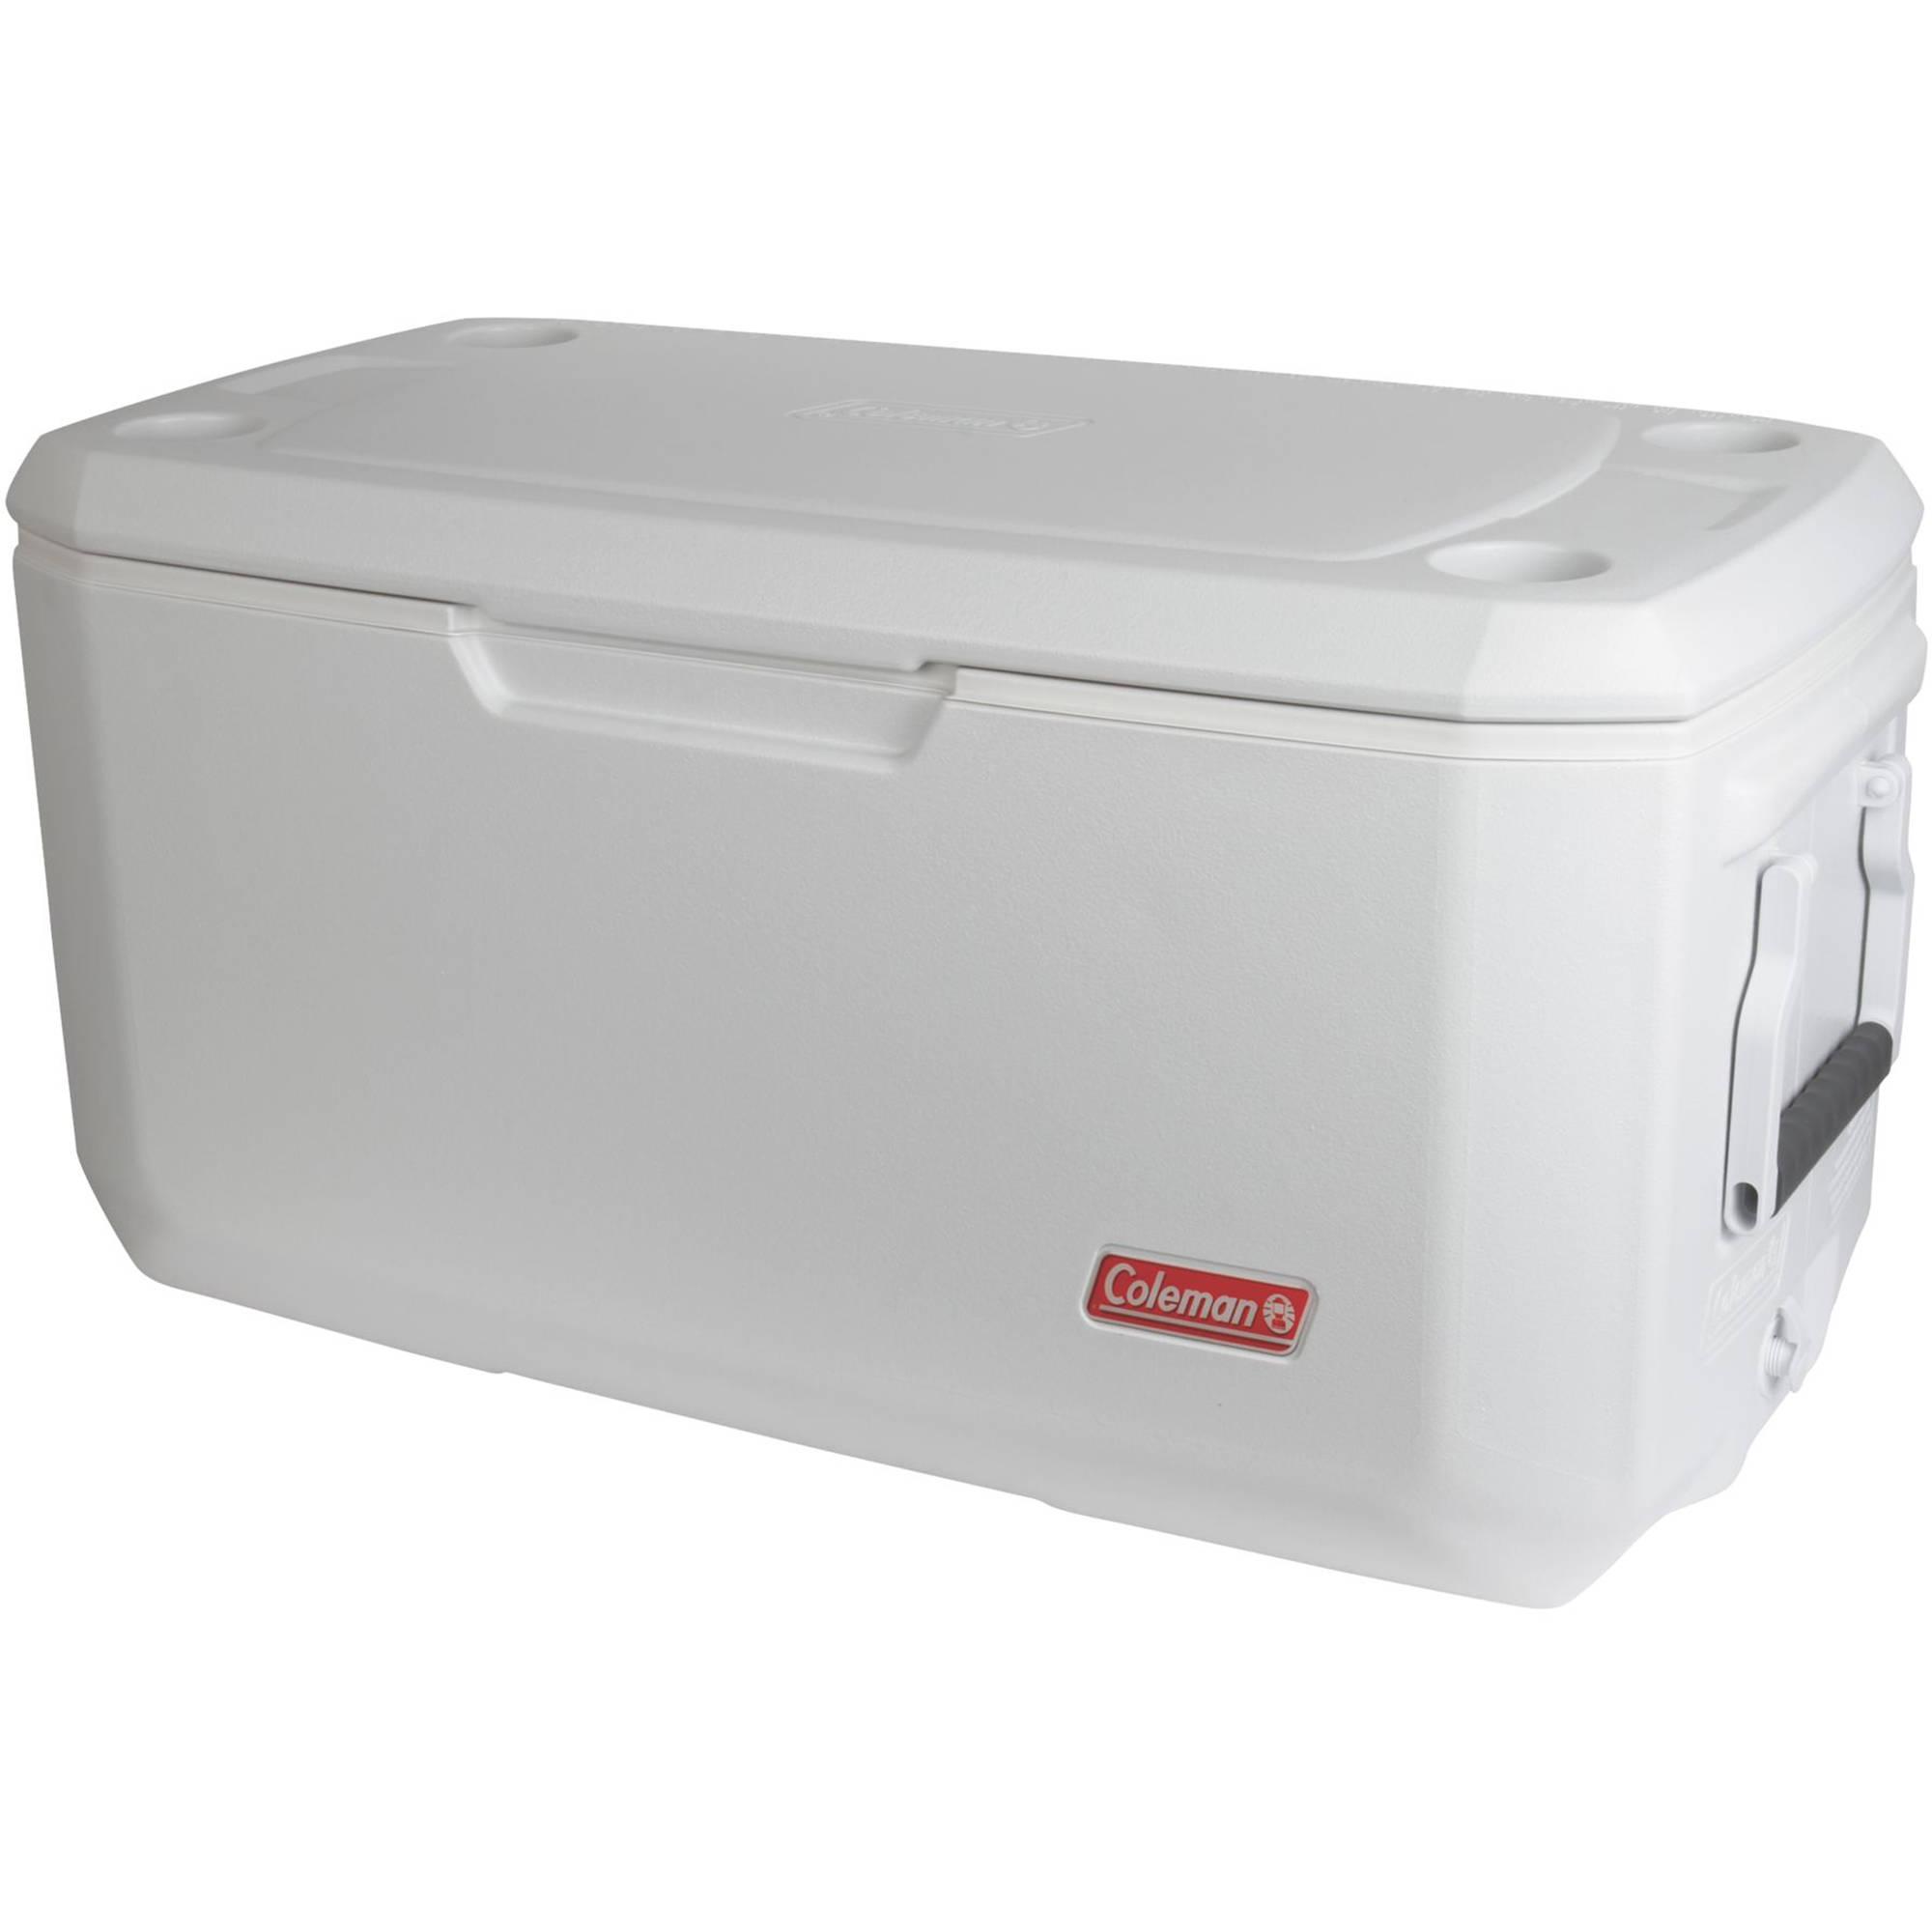 Coleman Xtreme 5 Cooler : Coleman quart xtreme marine cooler white